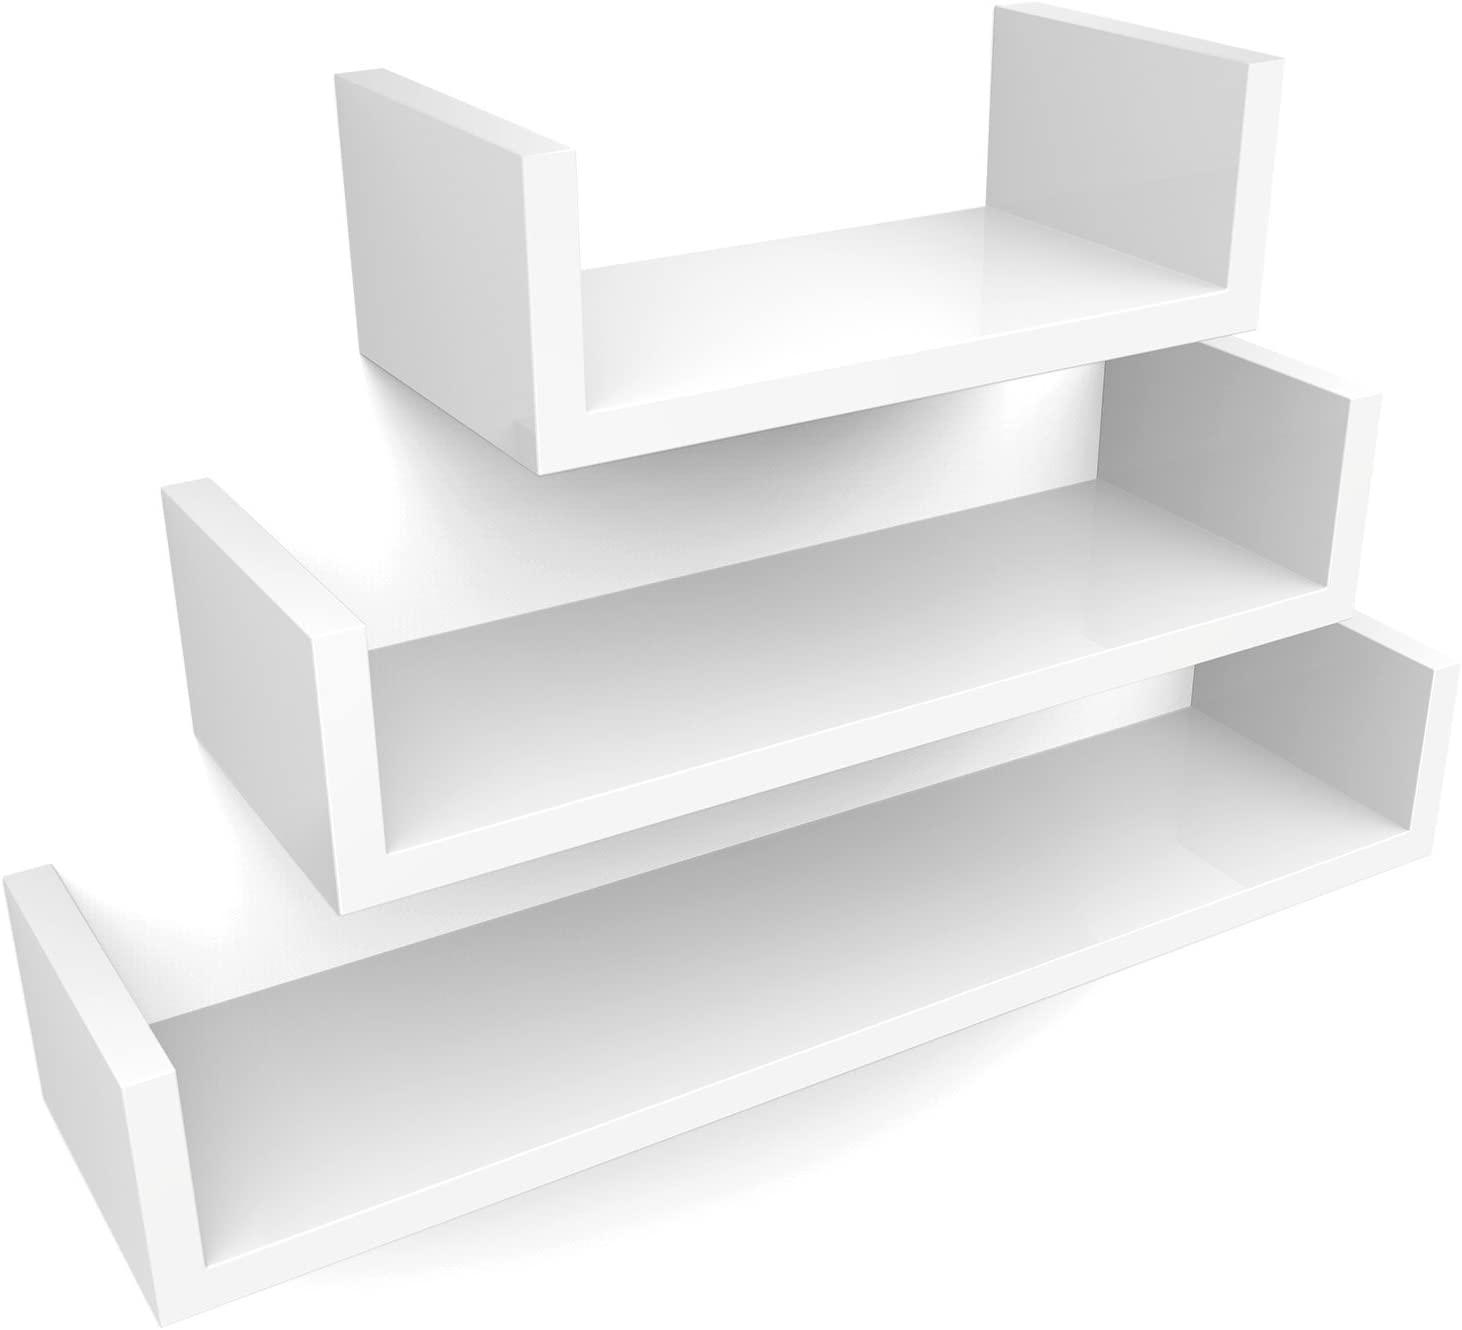 Full Size of Cube Regal Weiß Hochglanz Tiefe 30 Cm Weiss Ikea String 80 Breit Breite 20 60 Weis Bücher Weißes Soft Plus Küche Grau Bett 90x200 Mit Schubladen Schmal Wohnzimmer Cube Regal Weiß Hochglanz